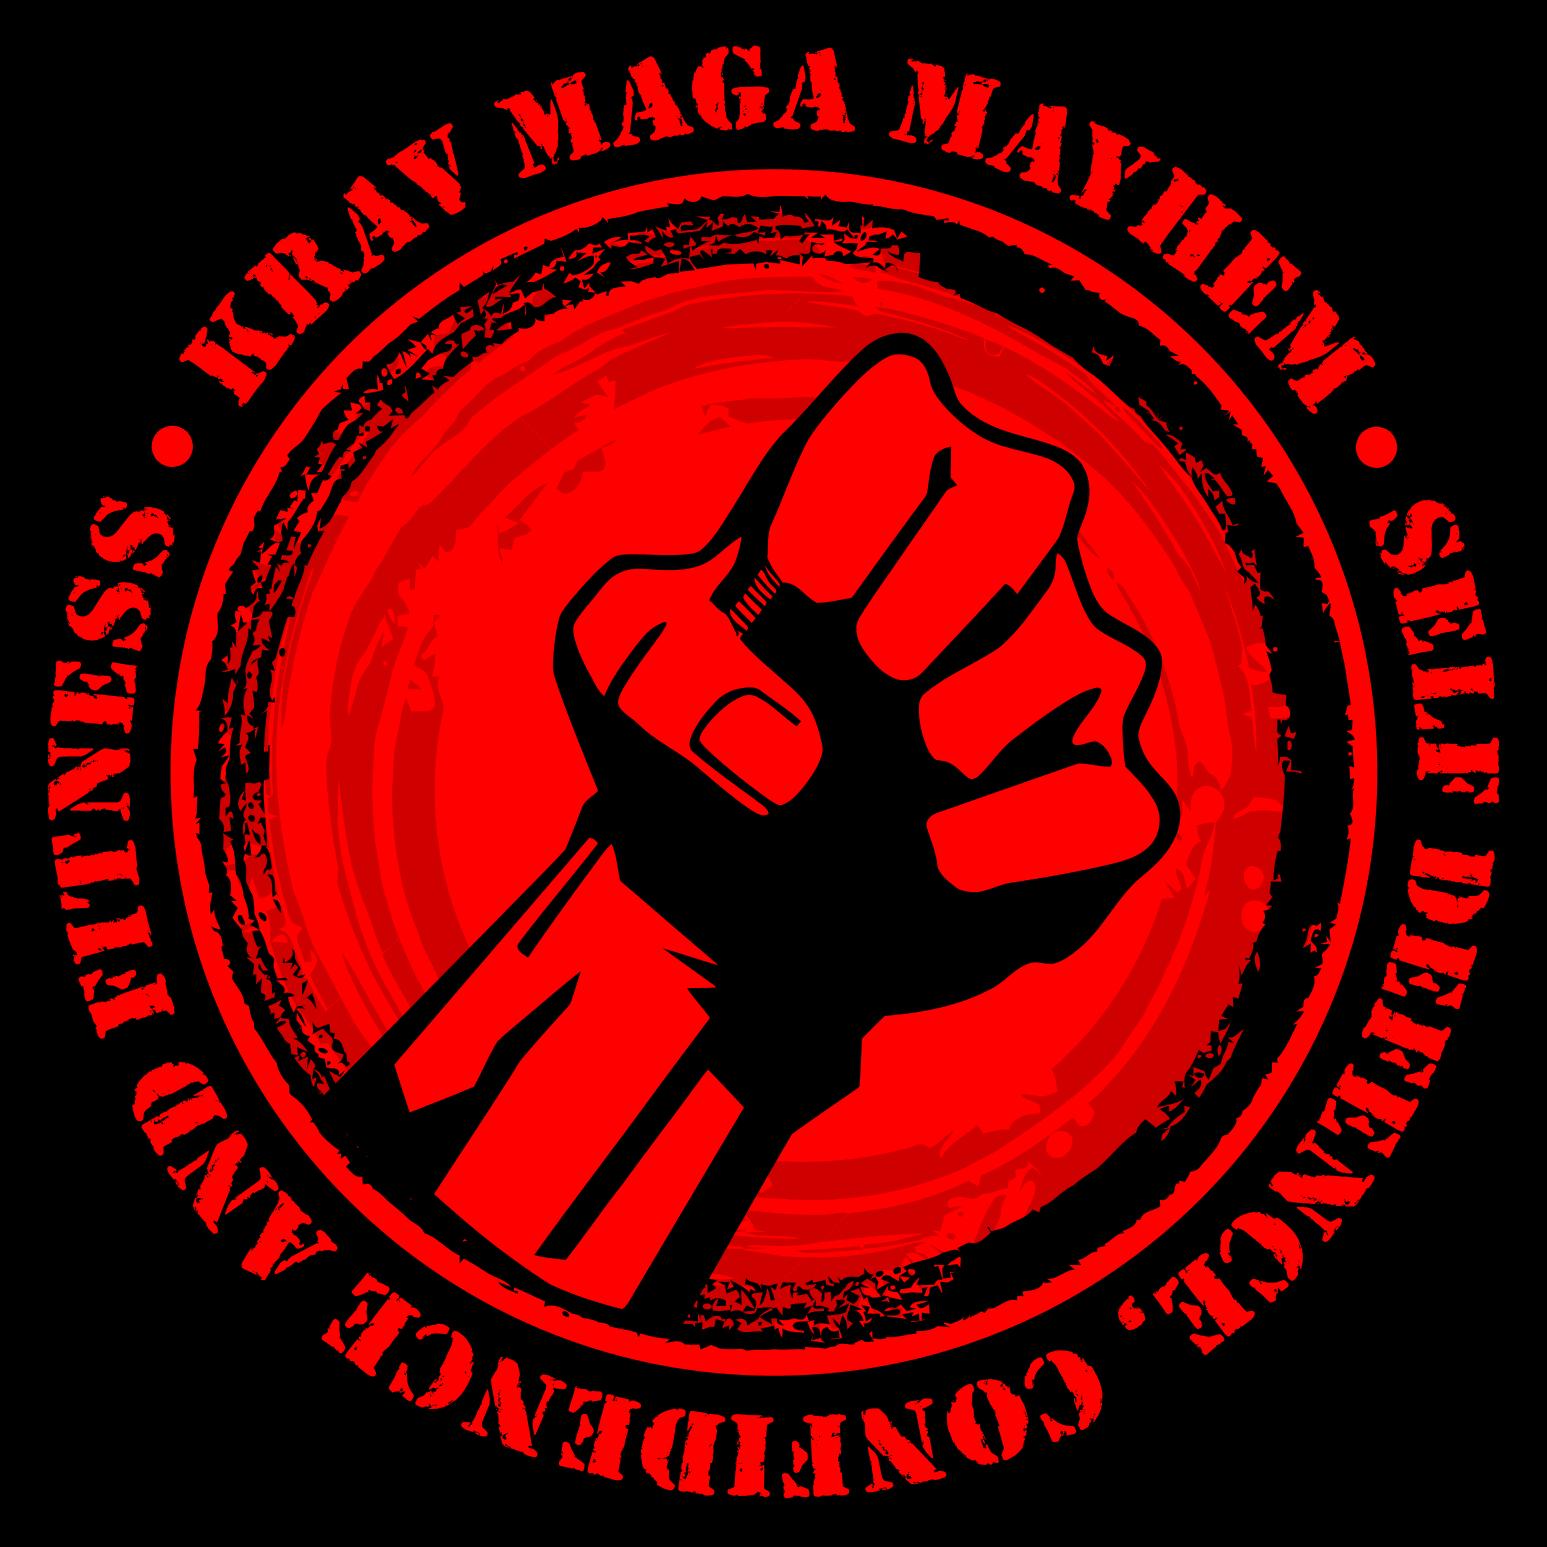 Krav Maga Mayhem